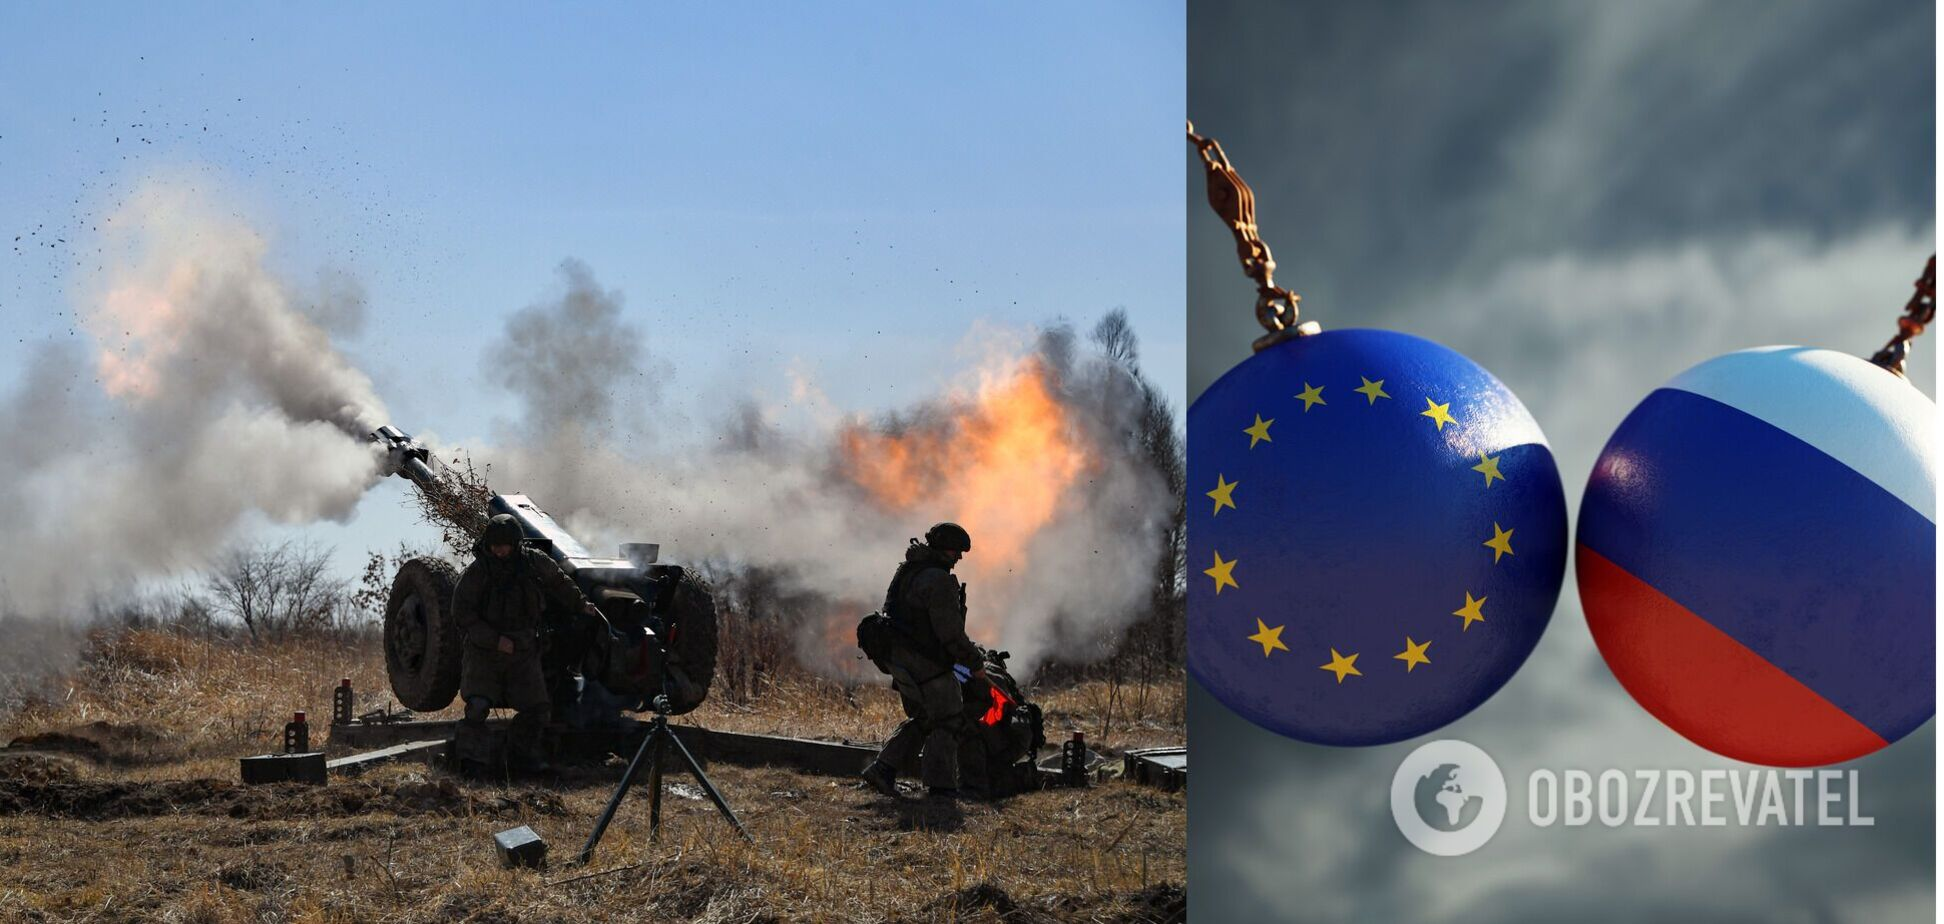 В Европарламенте призвали ужесточить санкции против России из-за обострения на Донбассе